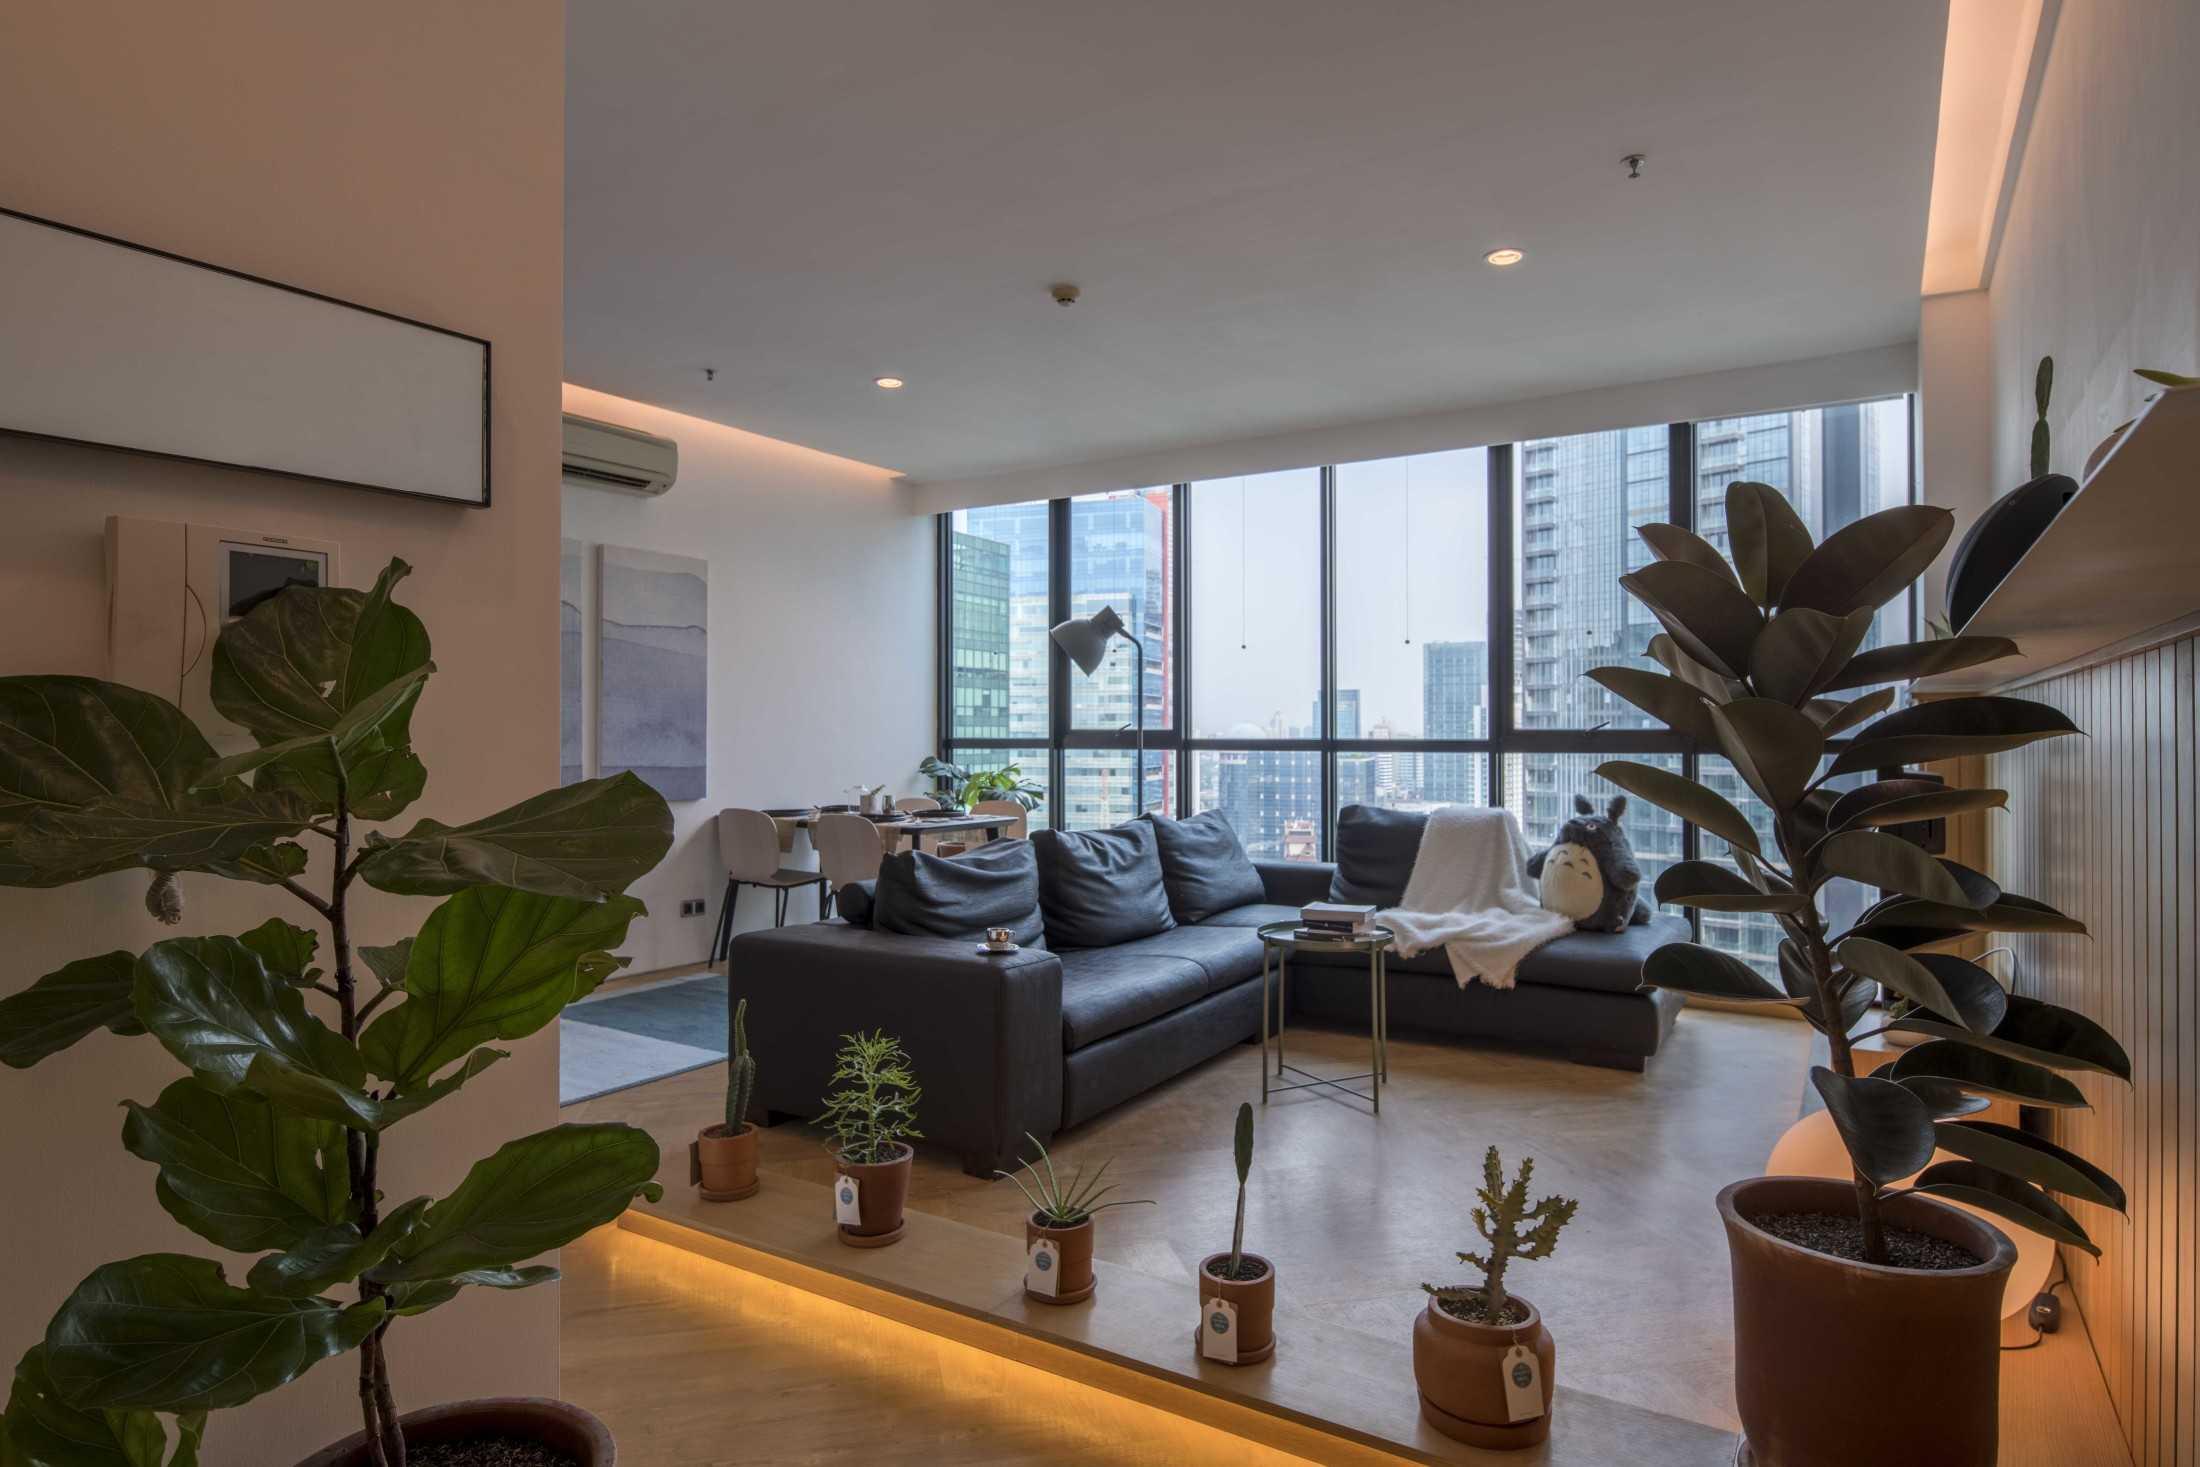 Design Donk Menyulap Apartemen Mungil Jadi Hunian Super Cozy dan Stylish | Foto artikel Arsitag